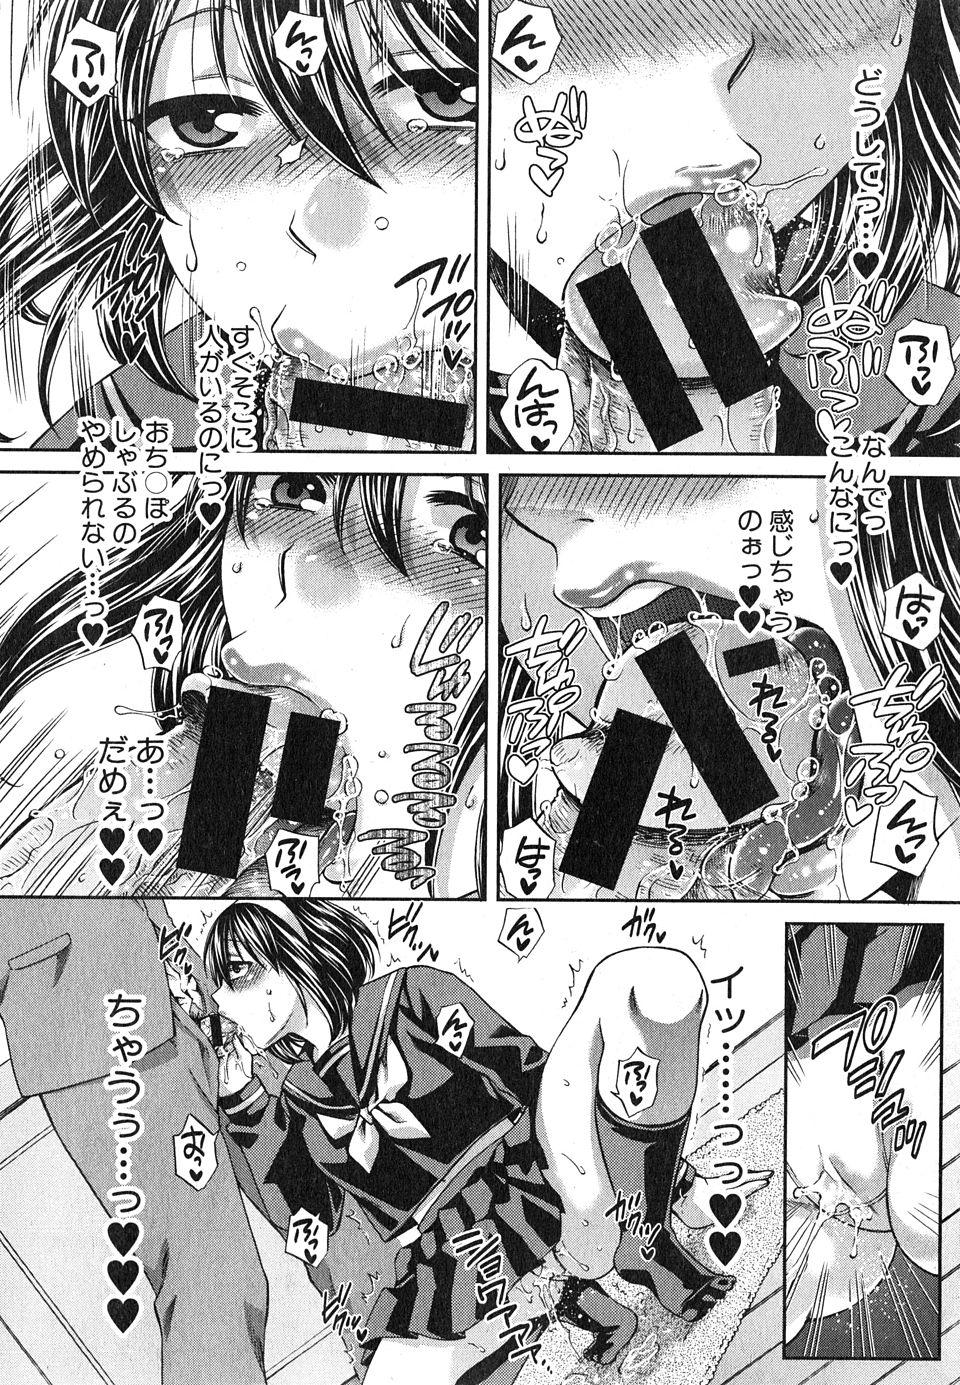 【エロ漫画・エロ同人誌】口が性感帯になっちゃった女子校生の妹がお兄ちゃんのちんこすぐ咥えたがるwww (10)